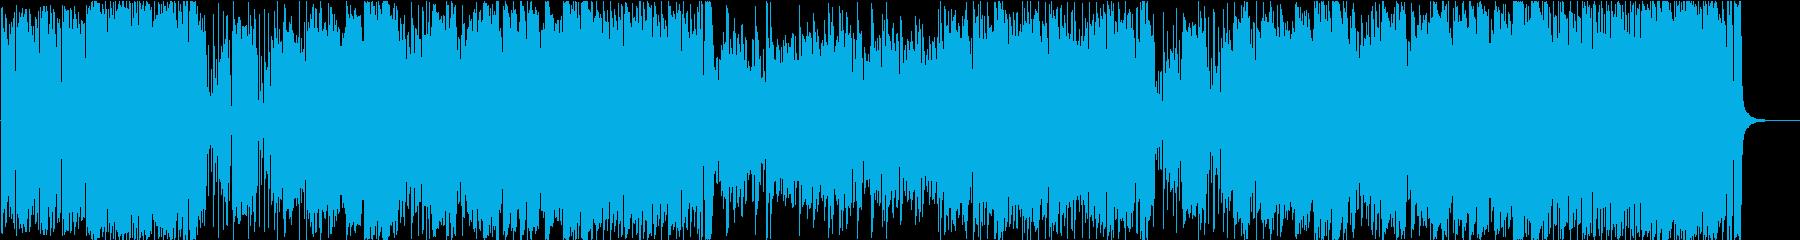 不穏感のある変拍子ジャズ・フュージョンの再生済みの波形